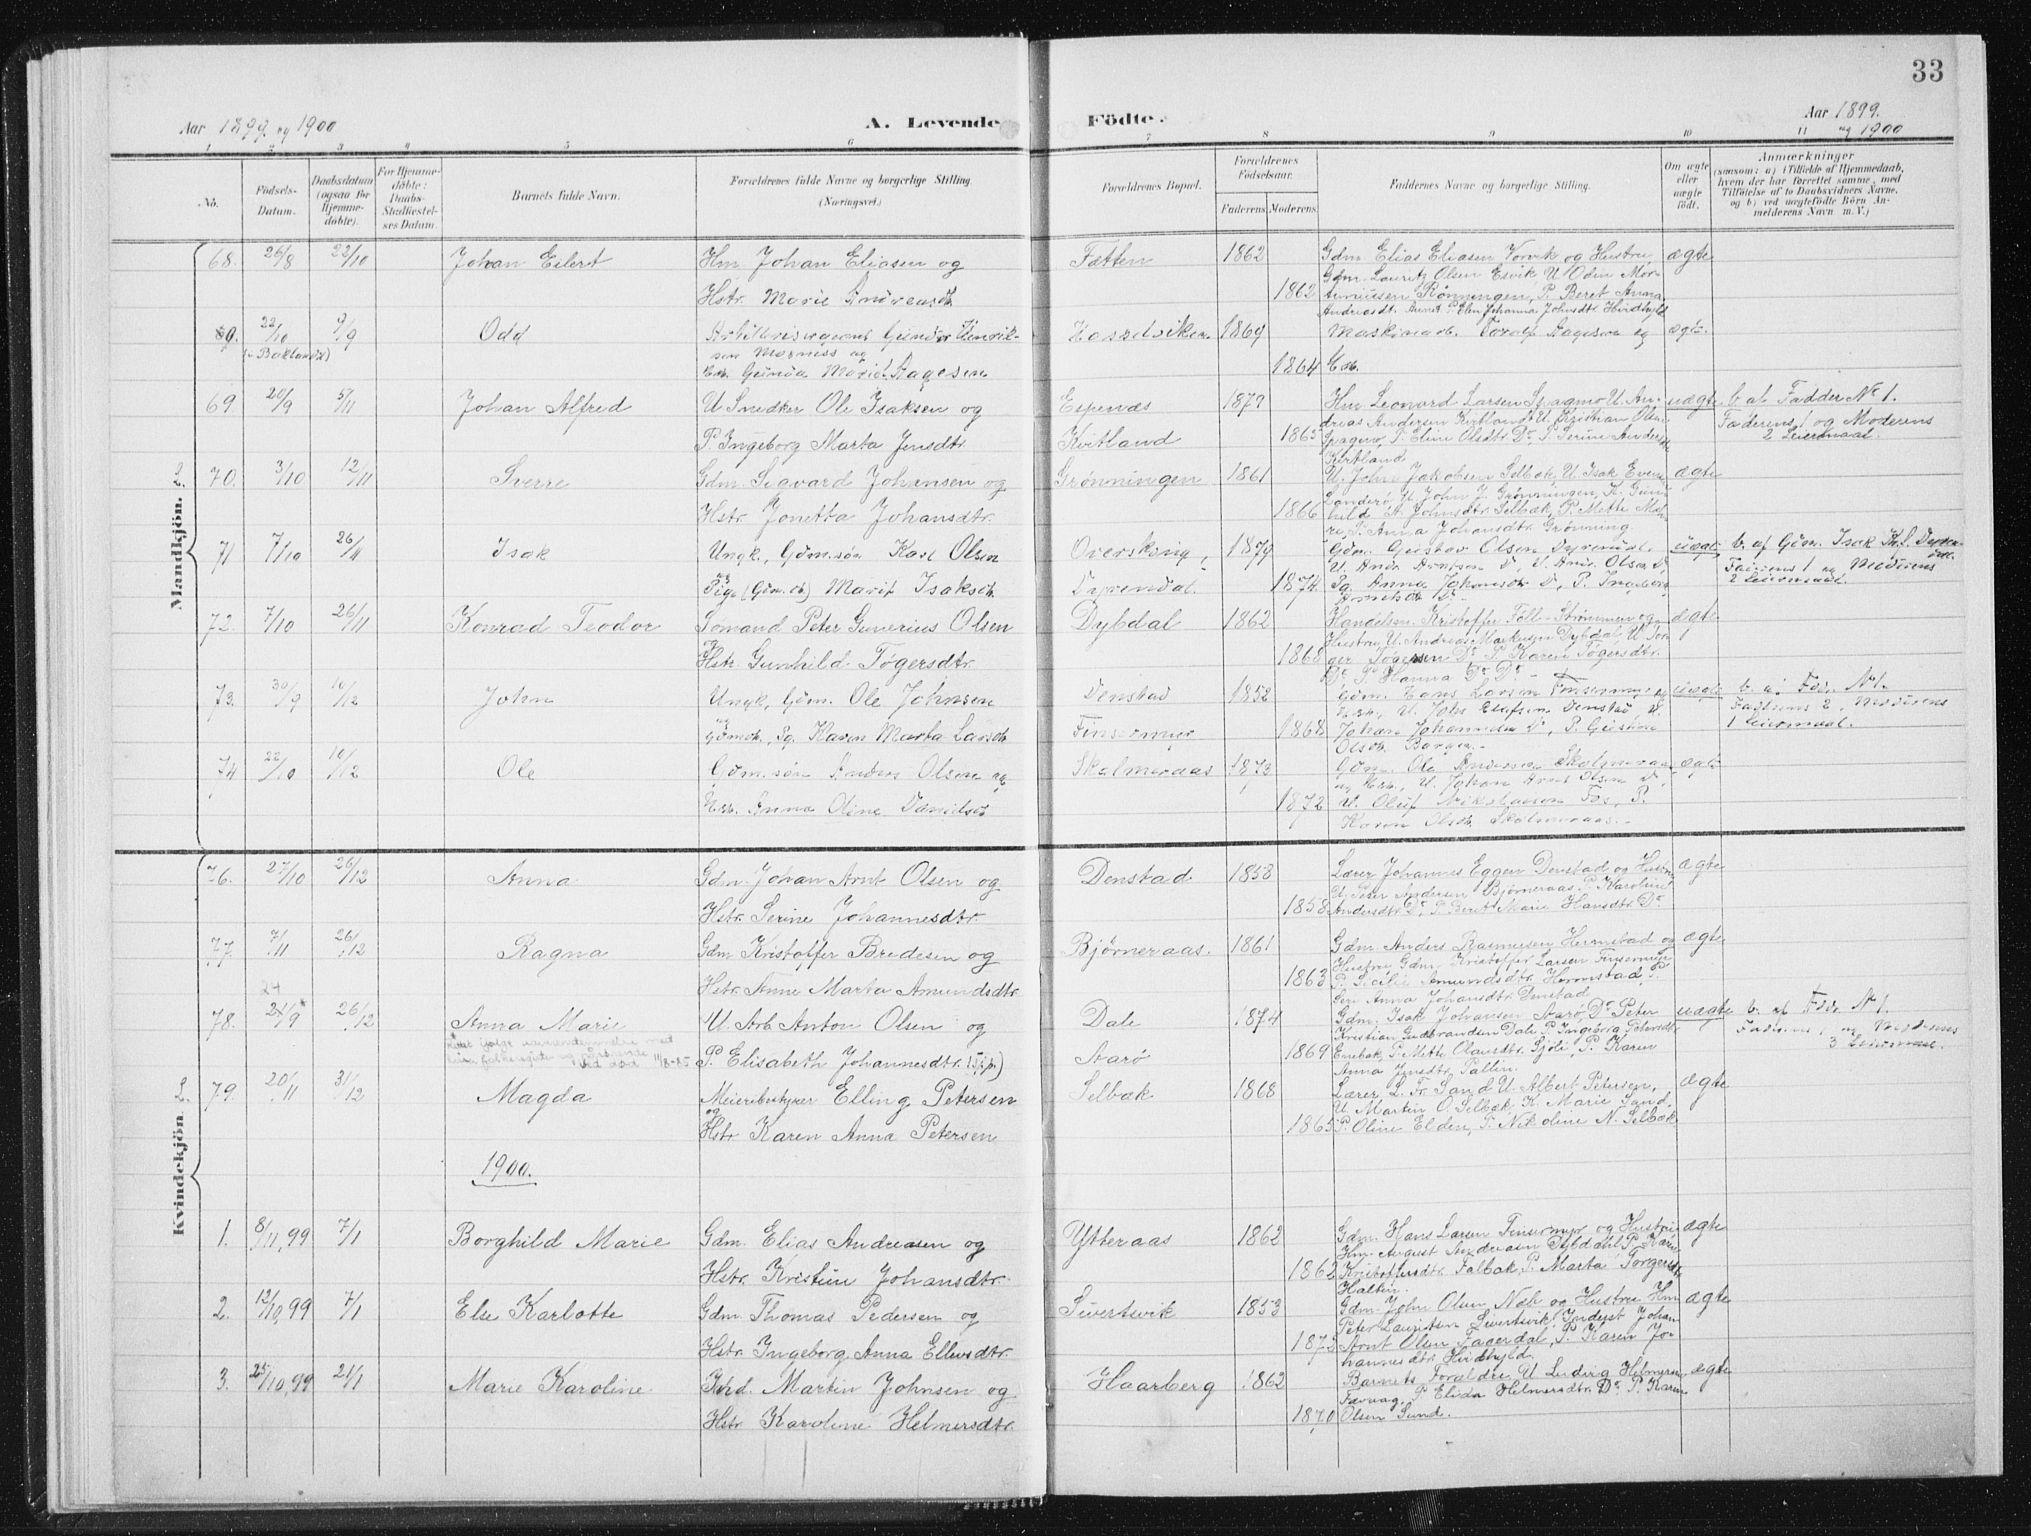 SAT, Ministerialprotokoller, klokkerbøker og fødselsregistre - Sør-Trøndelag, 647/L0635: Ministerialbok nr. 647A02, 1896-1911, s. 33